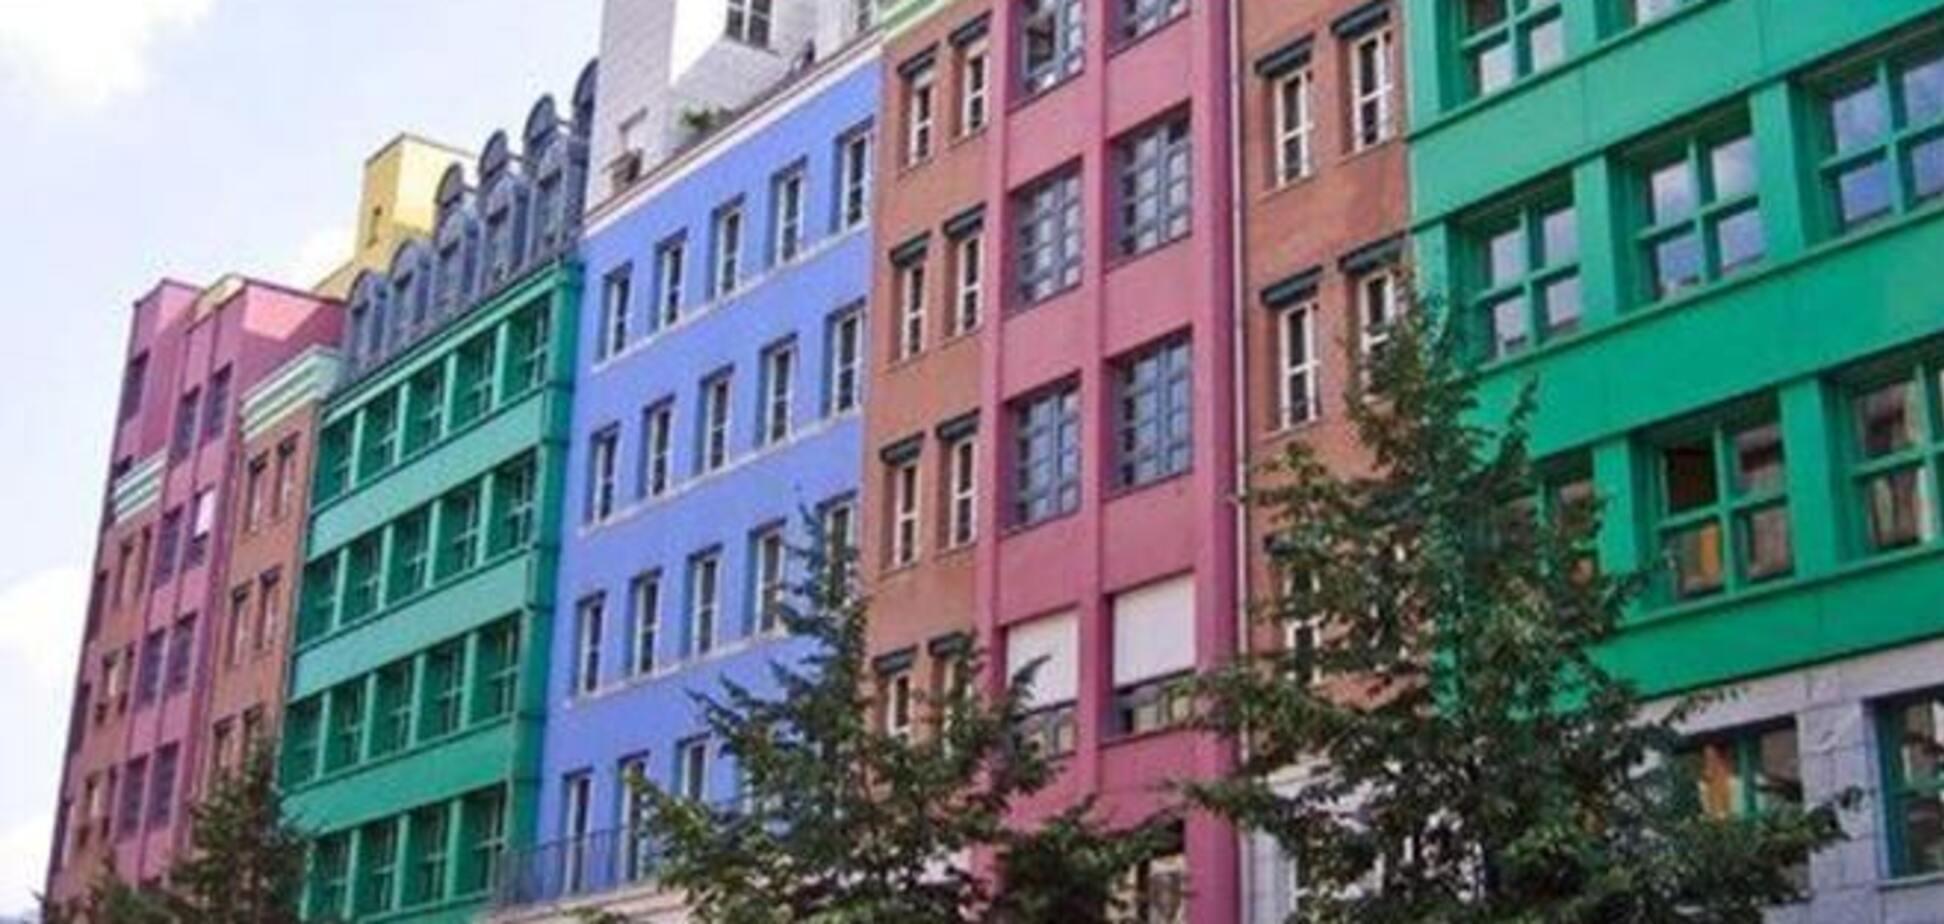 Берлин лидирует по интересу со стороны инвесторов в недвижимость